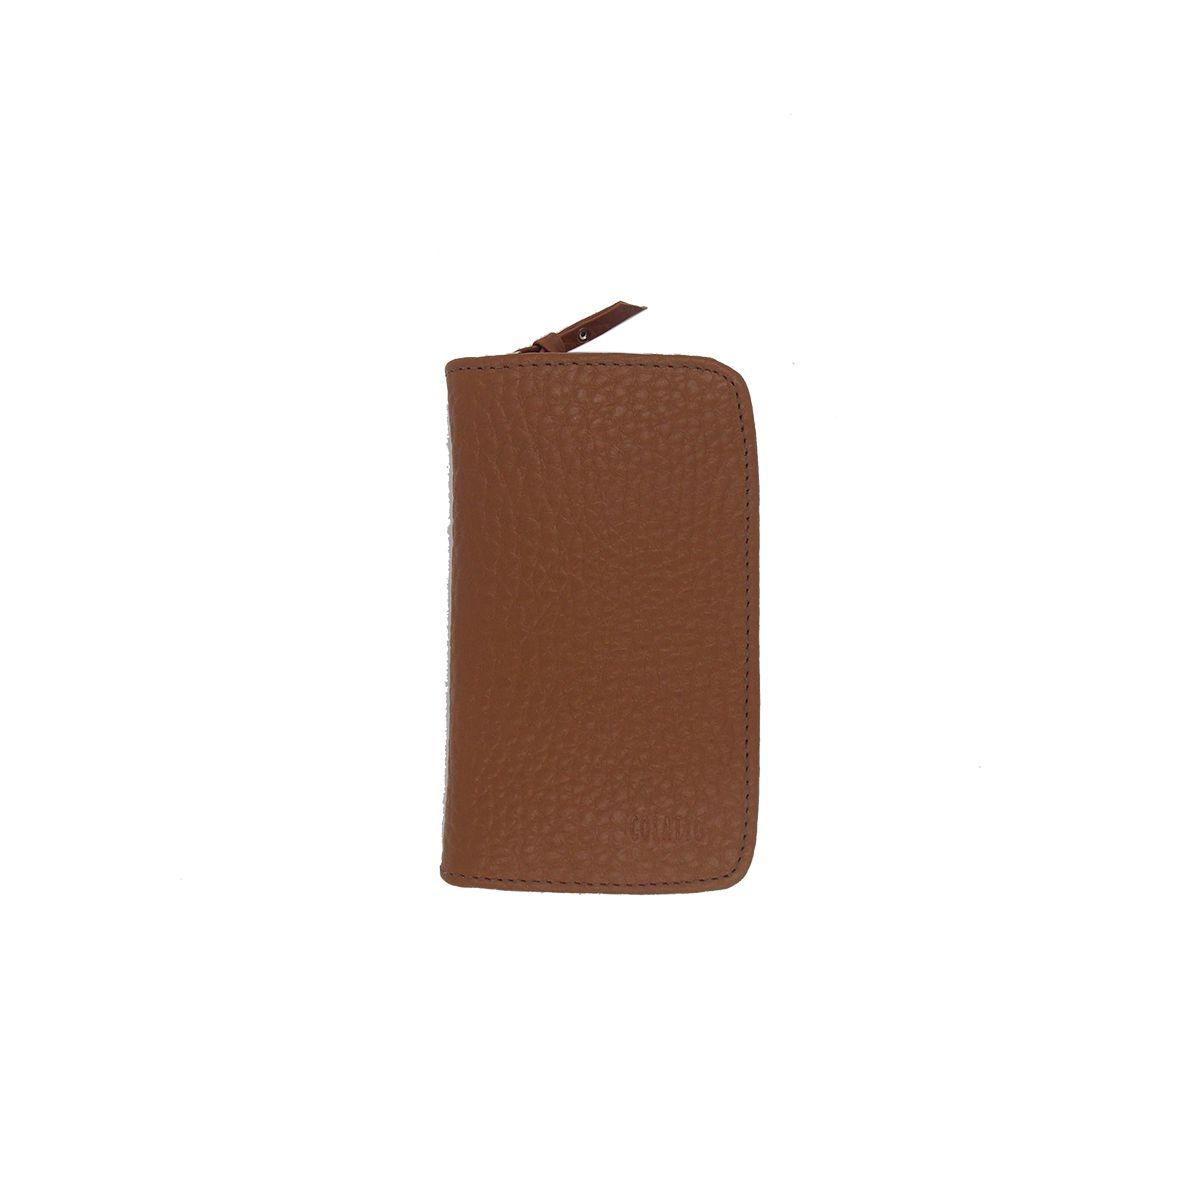 Kit Higiene Bucal em Couro Legitimo cor Caramelo Colatto